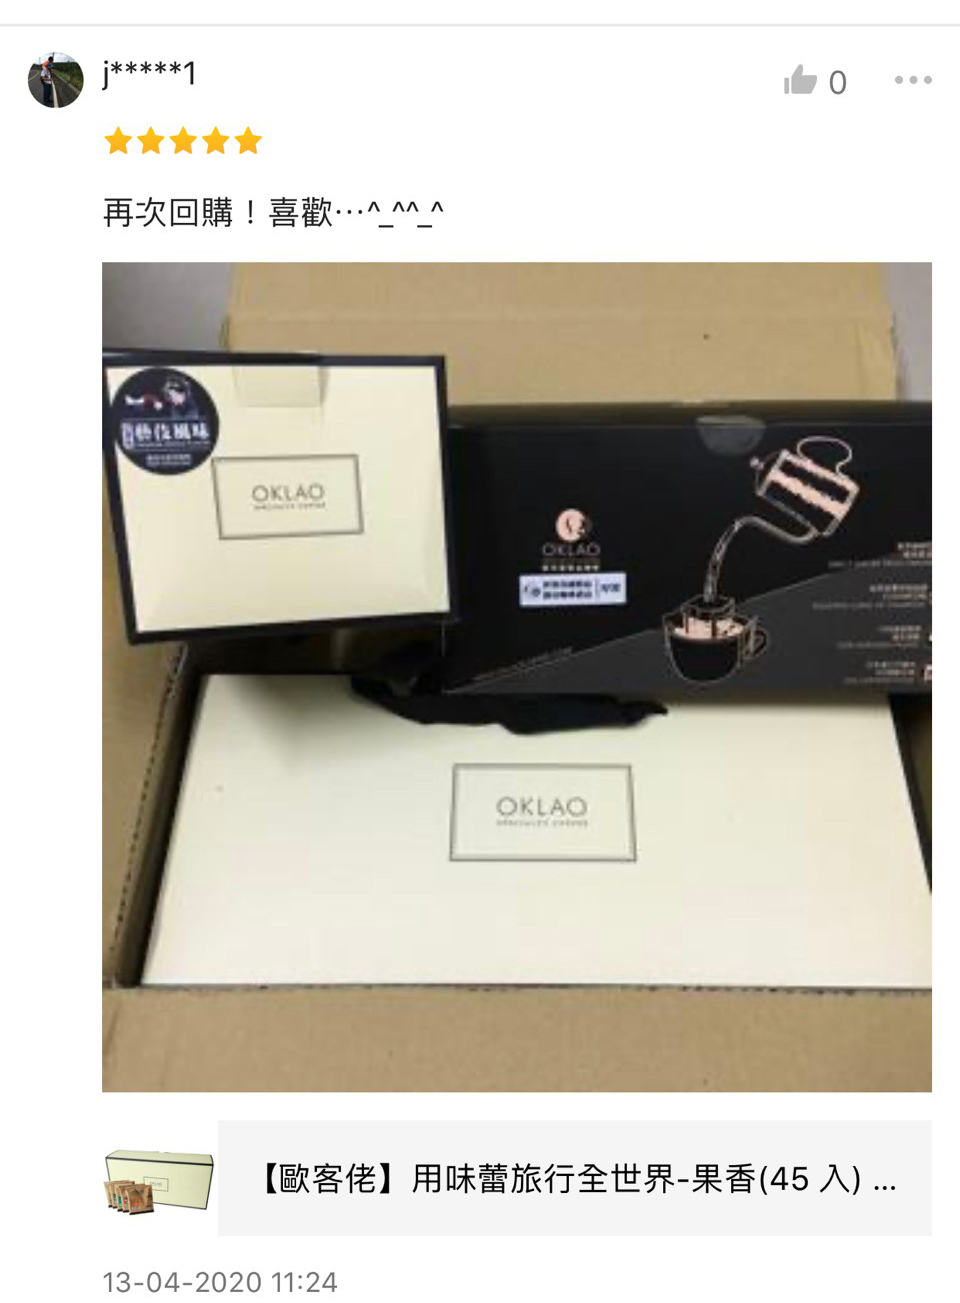 【歐客佬頭等艙】用味蕾旅行全世界 - 果香 (45包/盒) 掛耳禮盒 OKLAO (44010177) 再次回購!喜歡⋯^_^^_^